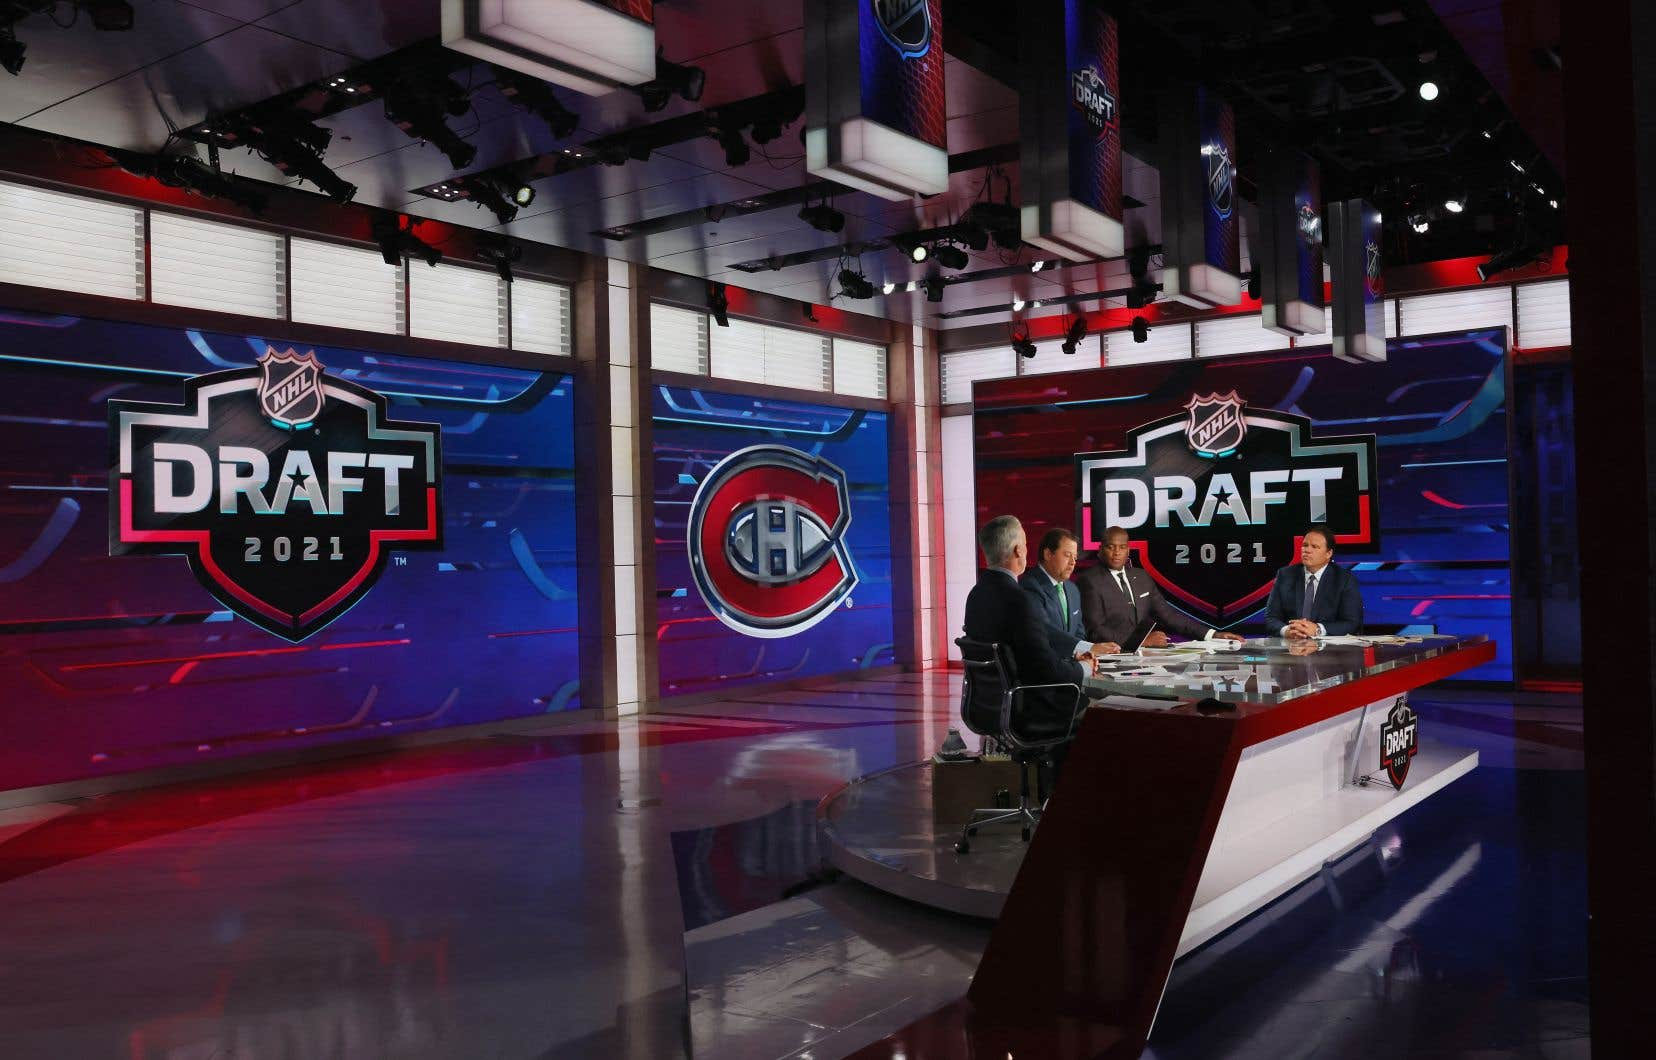 Logan Mailloux,jeune joueur originaire de l'Ontario, avait demandé la semaine dernière aux équipes de la Ligue nationale de hockey de ne pas le repêcher, et ils sont plusieurs à penser que l'organisation aurait dû respecter sa volonté.